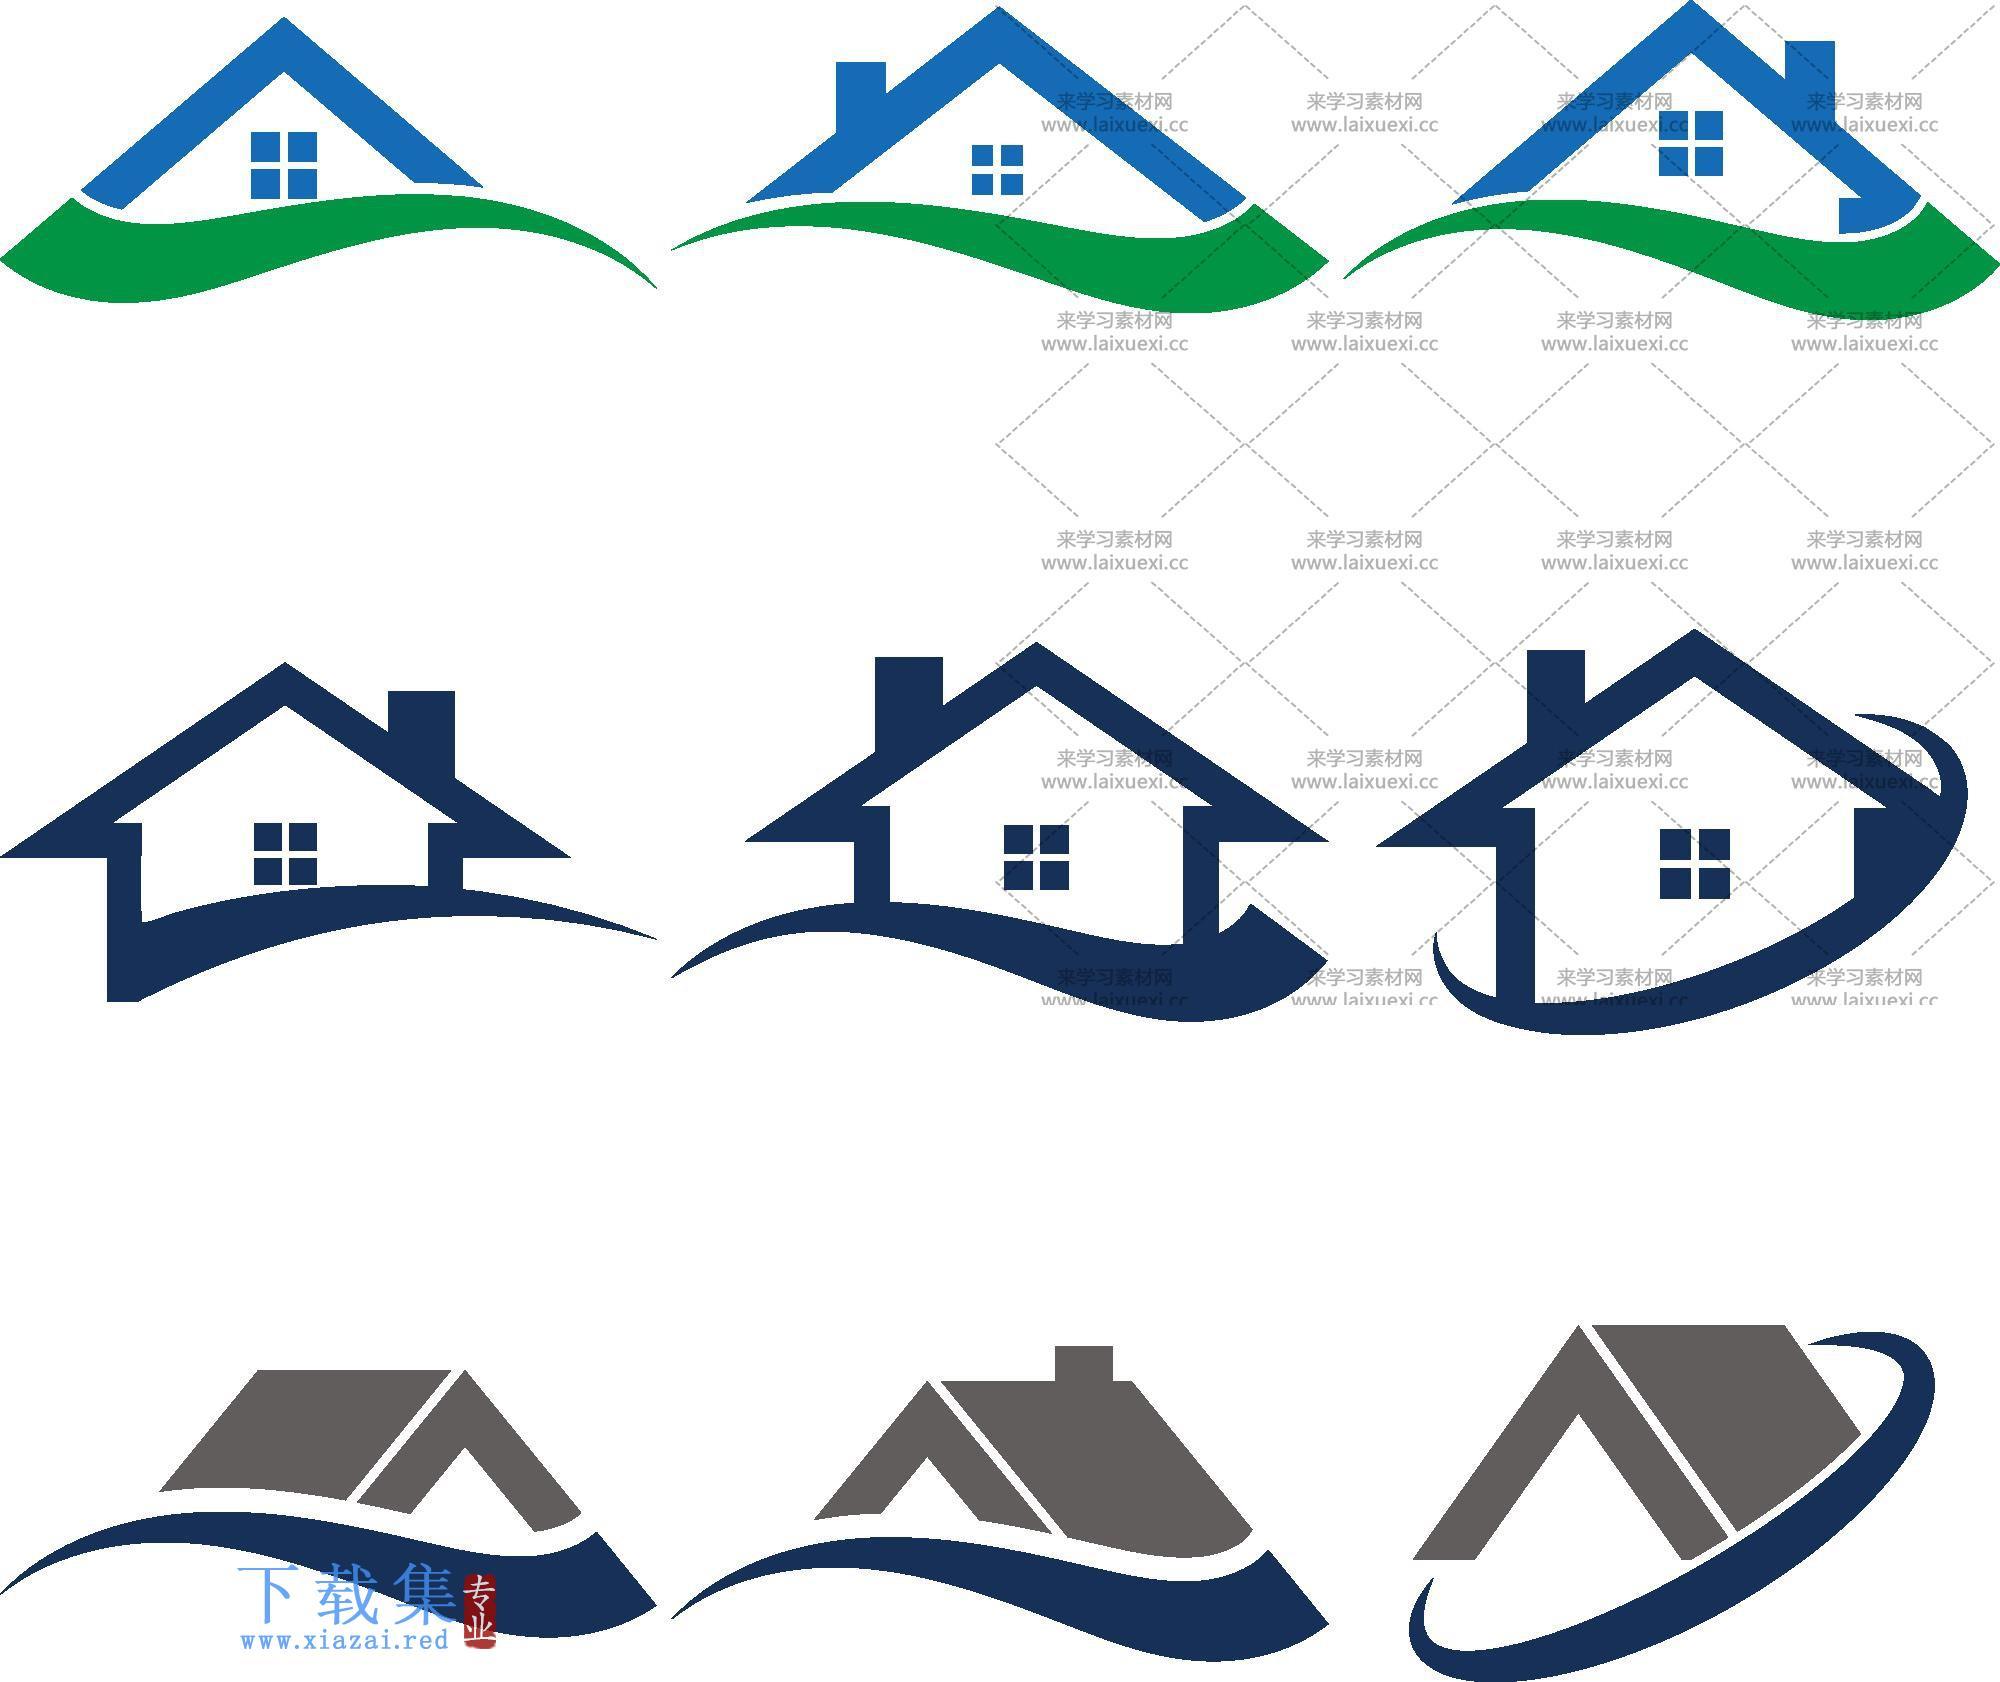 房地产房屋中介矢量图标合集  第2张